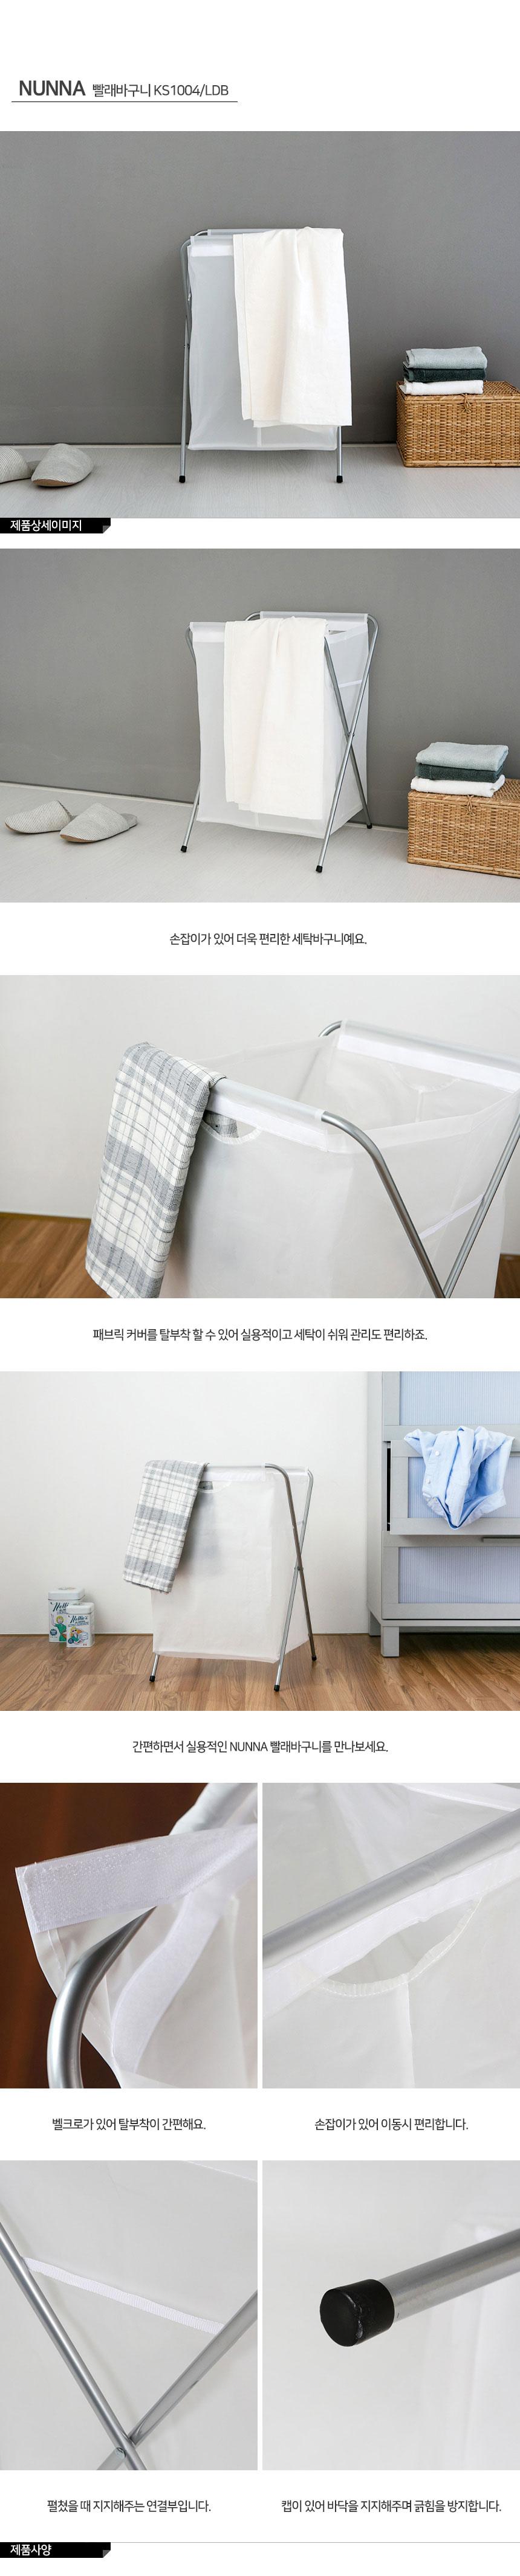 nunna_laundry_box-1.jpg